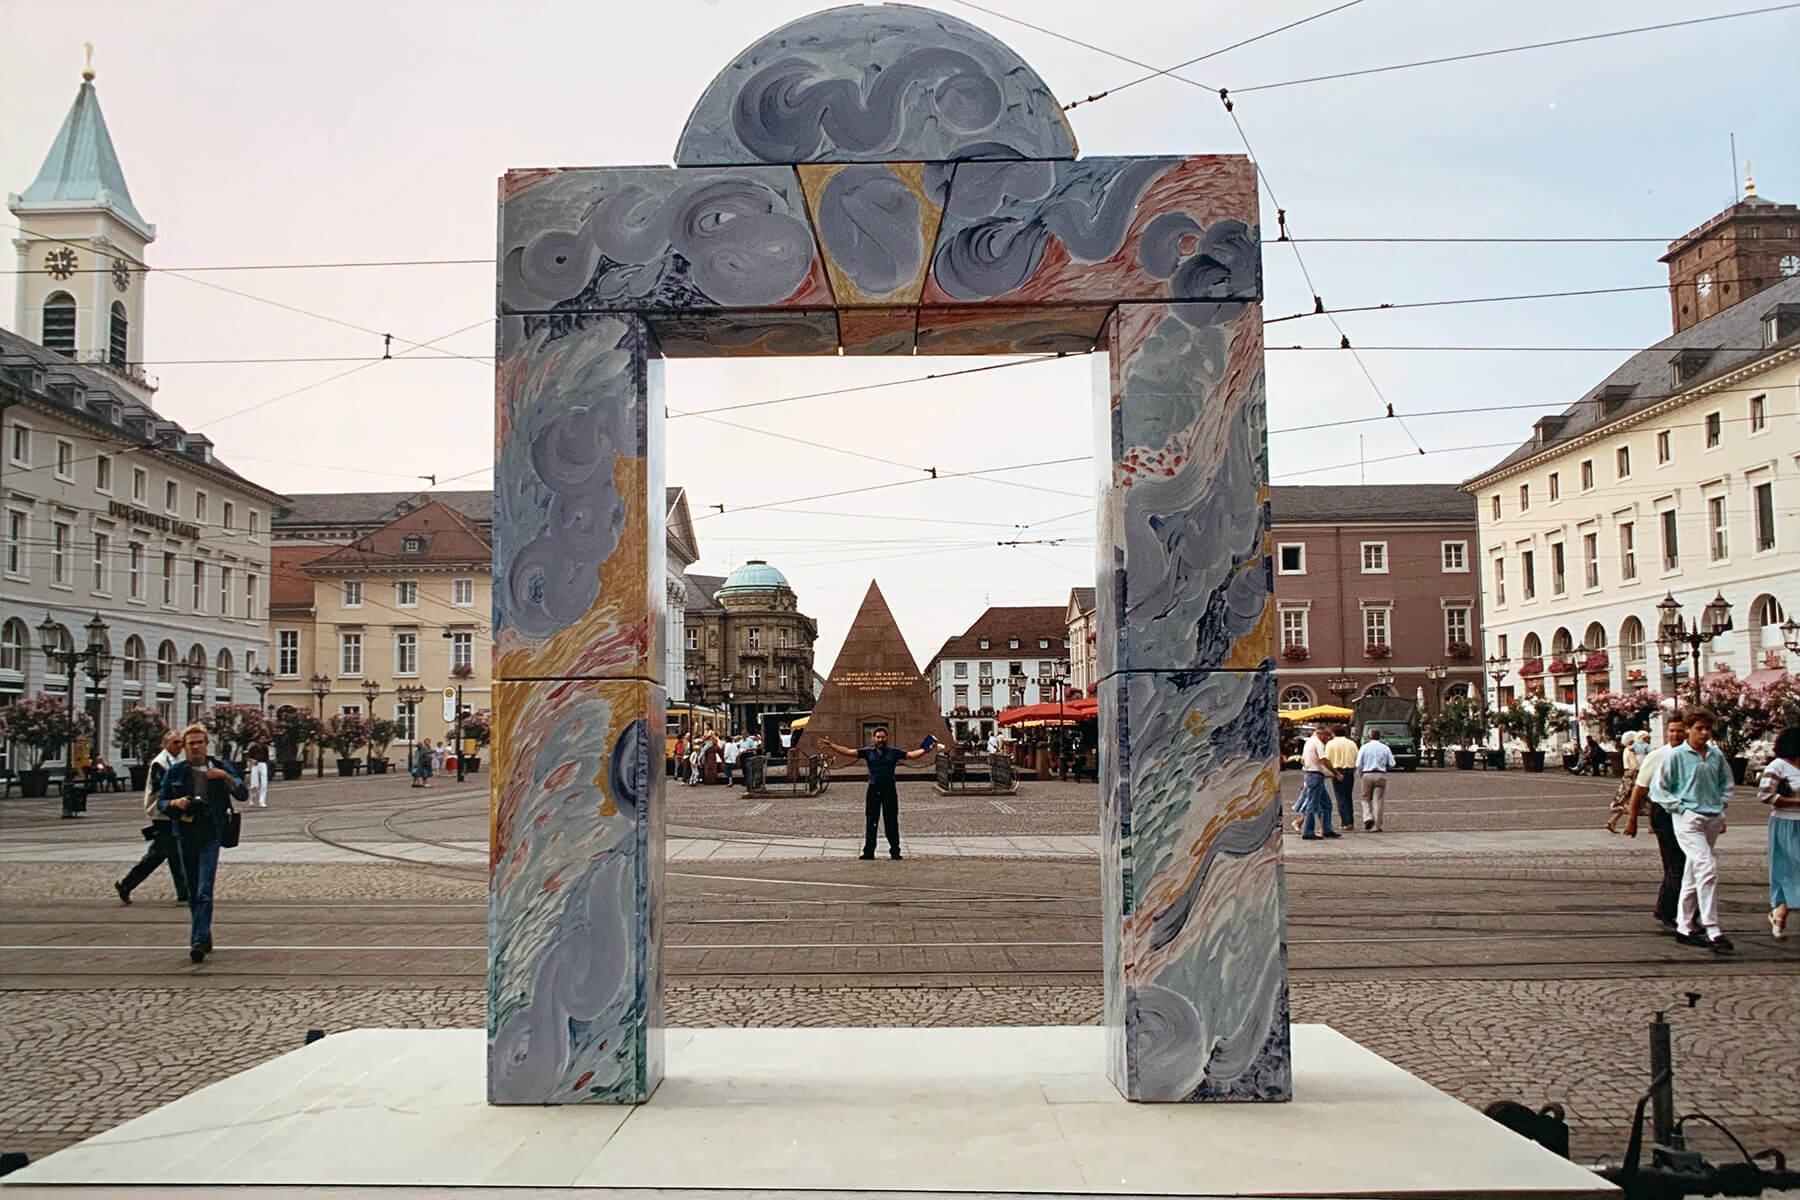 Barbara Jäger OMI Riesterer Gemeinsame öffentliche Werke Karlsruher Tor Marktplatz